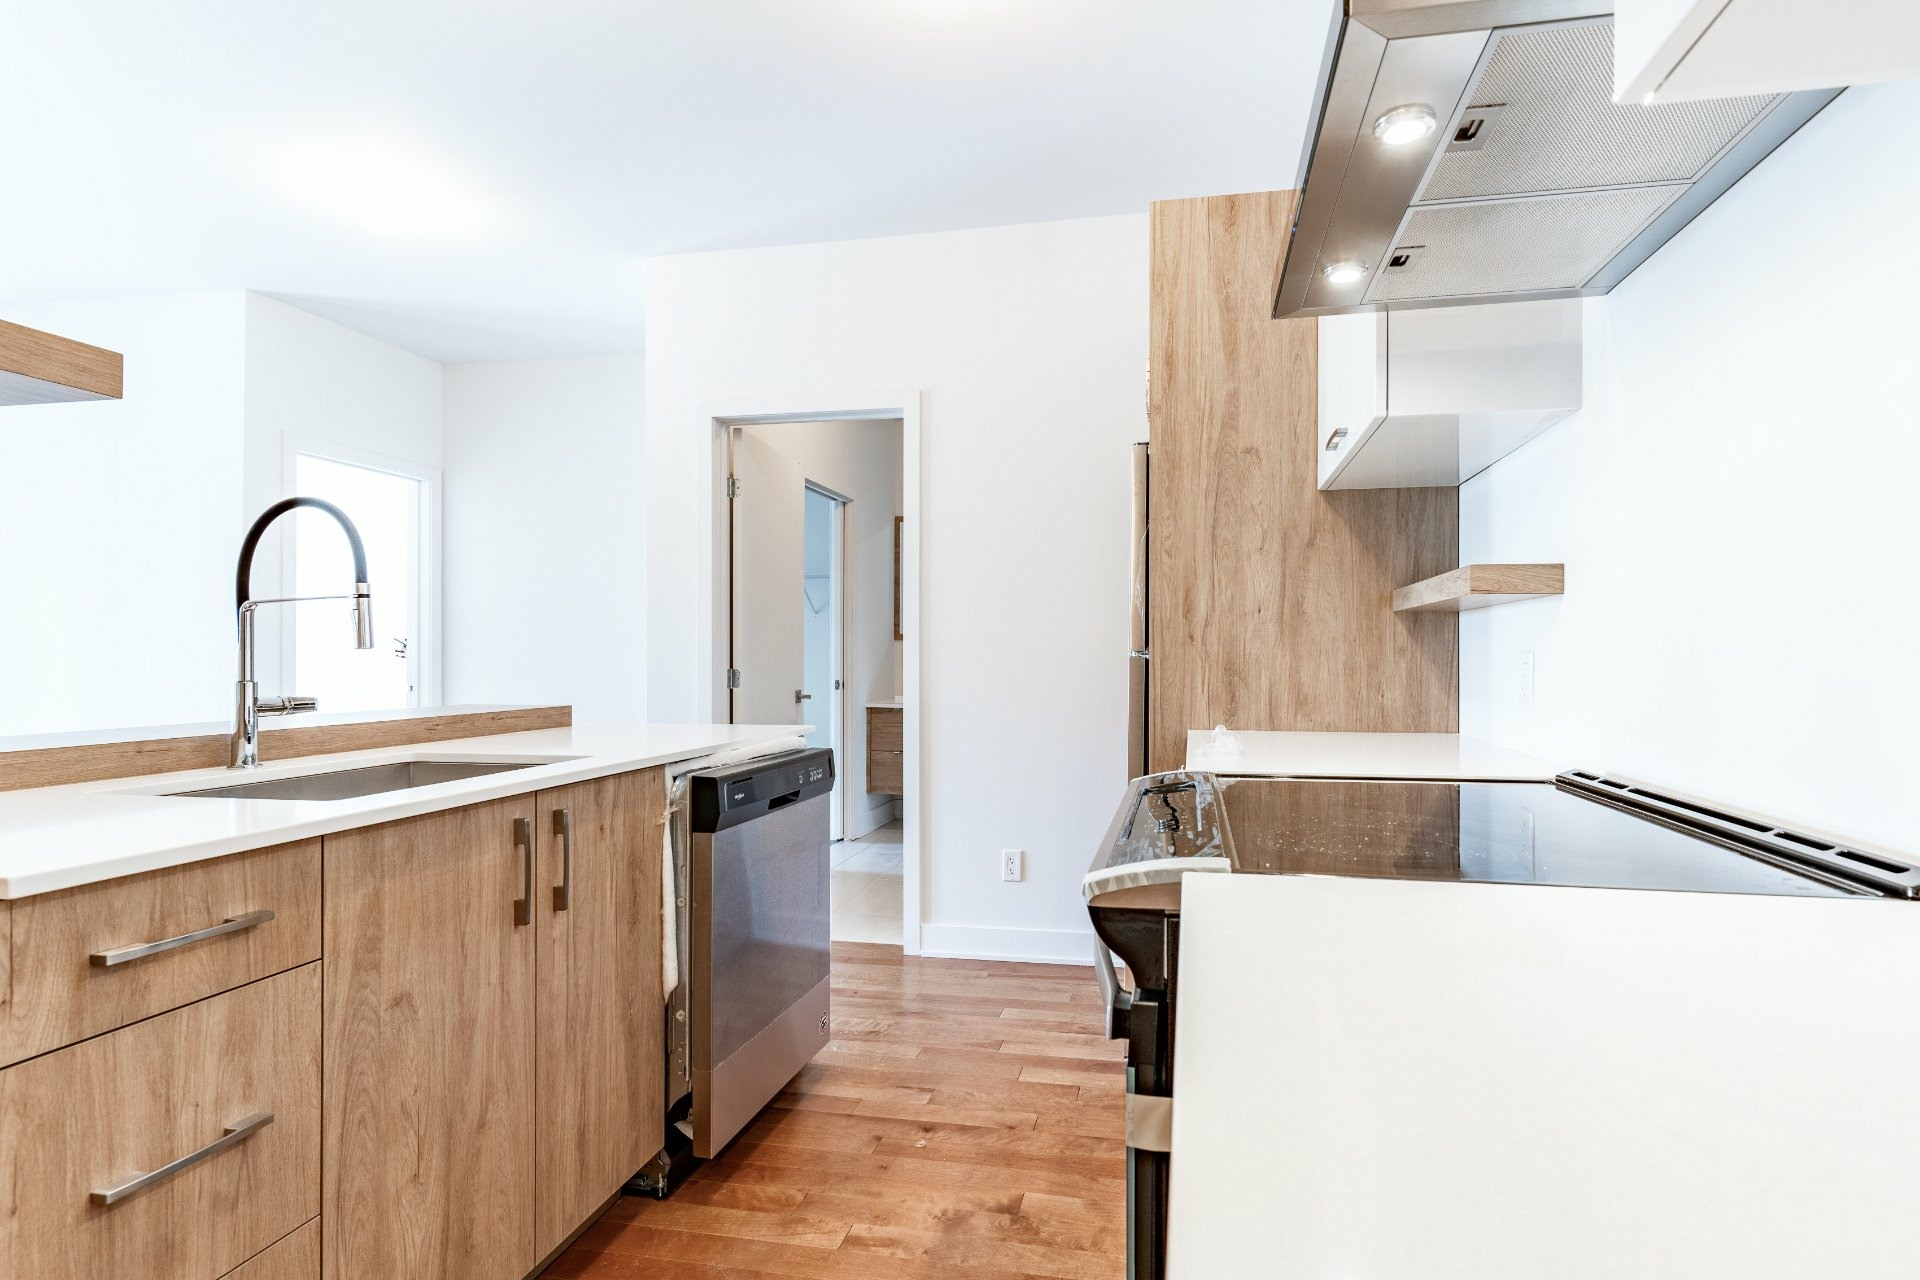 image 3 - Appartement À louer Rosemont/La Petite-Patrie Montréal  - 7 pièces